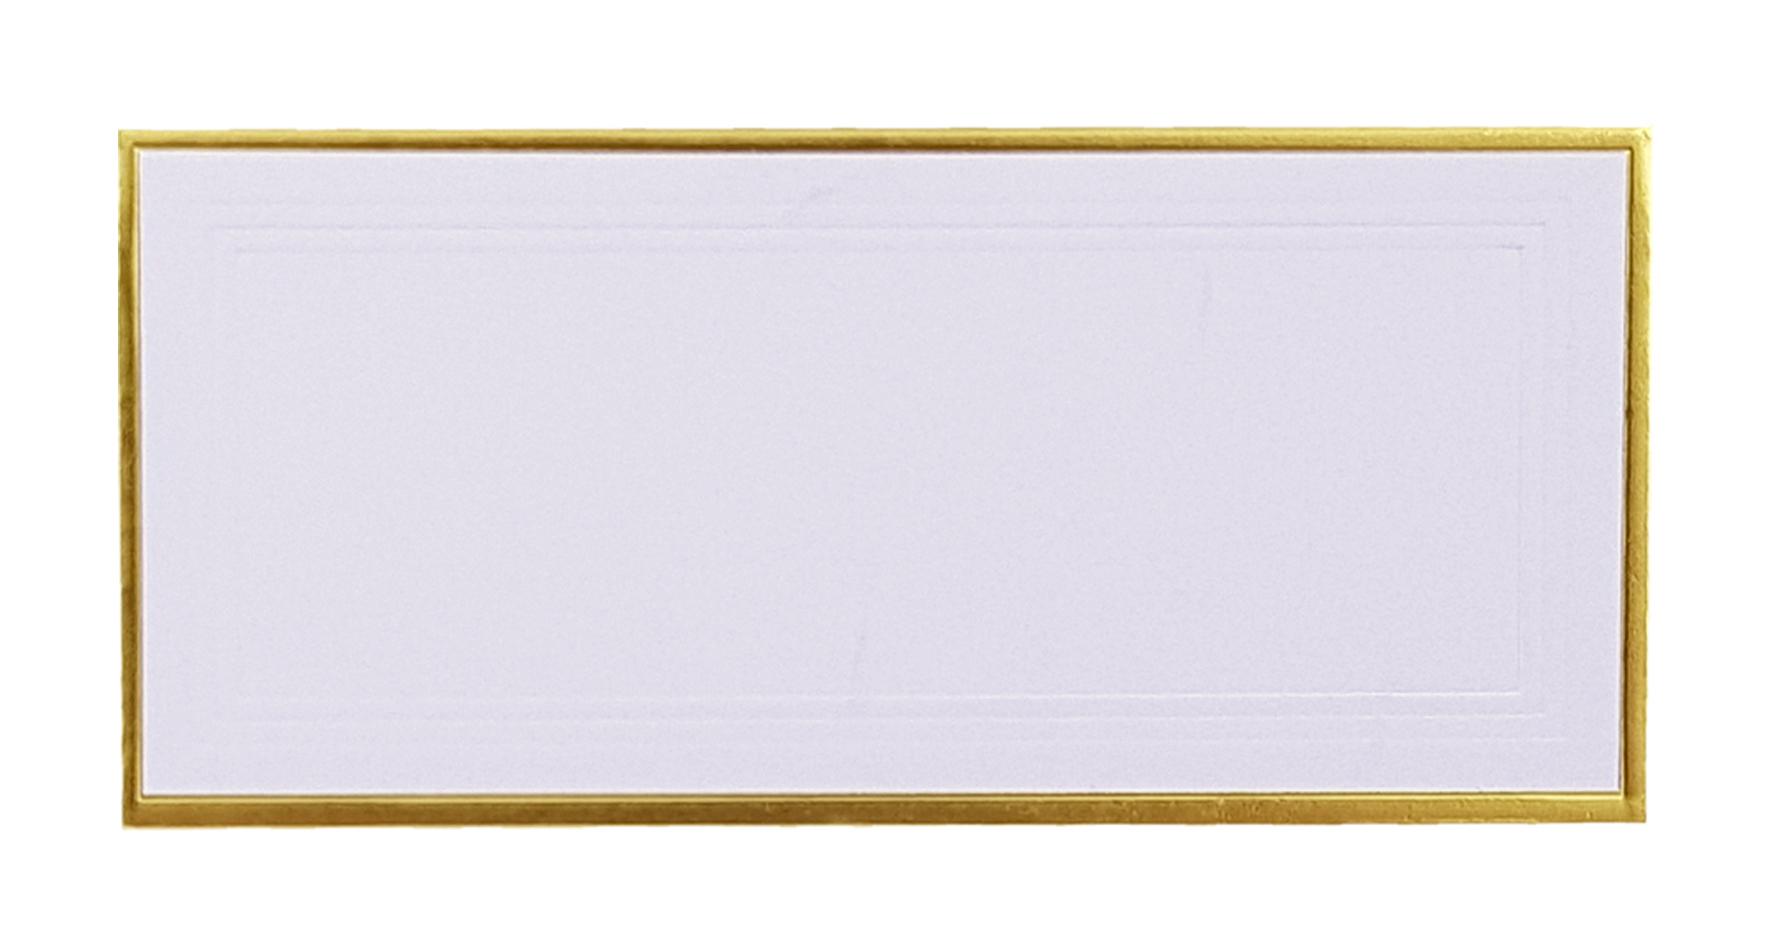 Marque-place blanc, contours dorés. Réf. 217